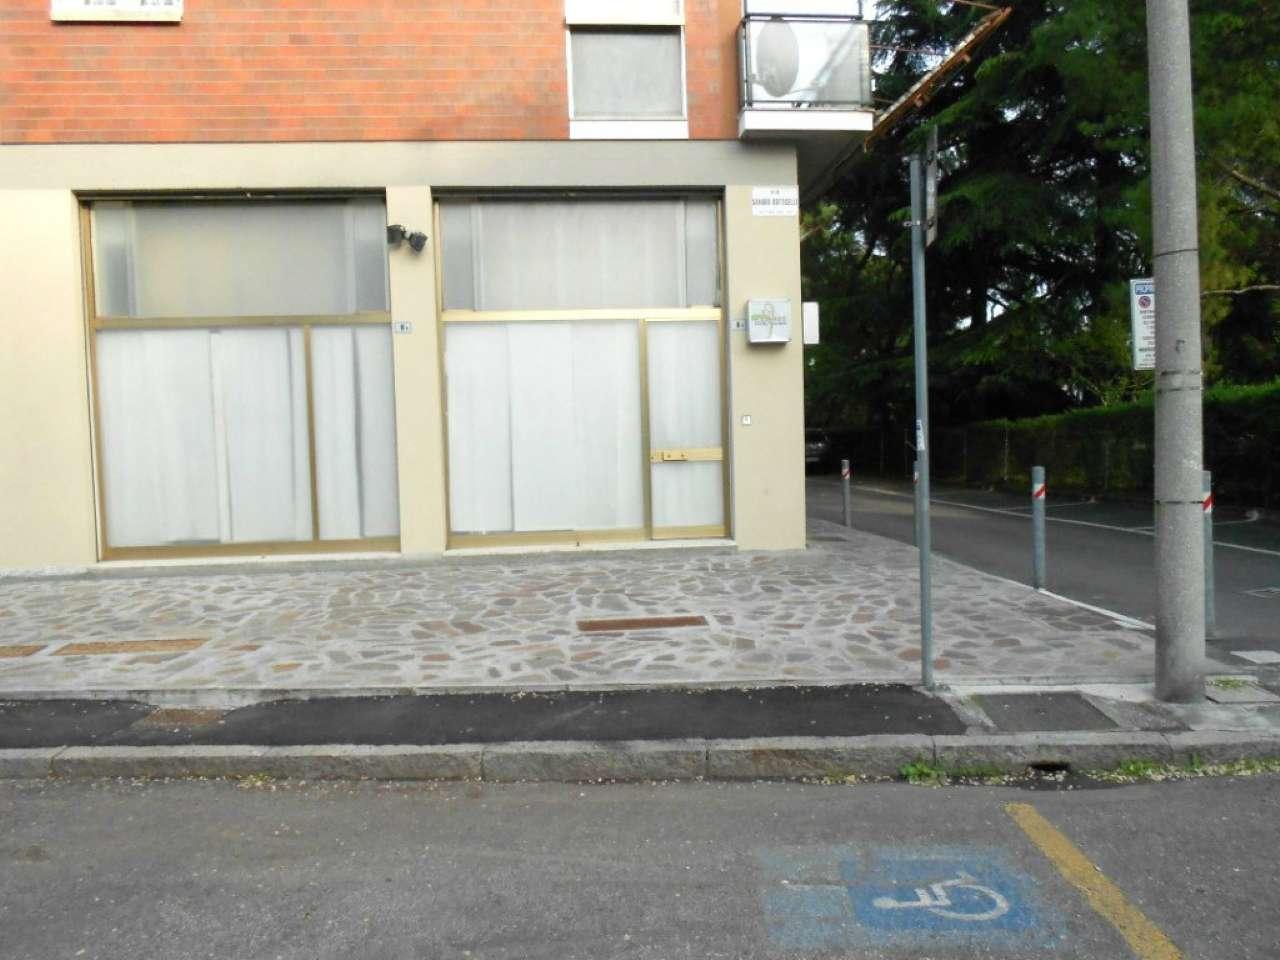 Negozio / Locale in vendita a Bologna, 2 locali, zona Zona: 16 . S.Viola, Battindamo, Saffi, prezzo € 125.000 | CambioCasa.it